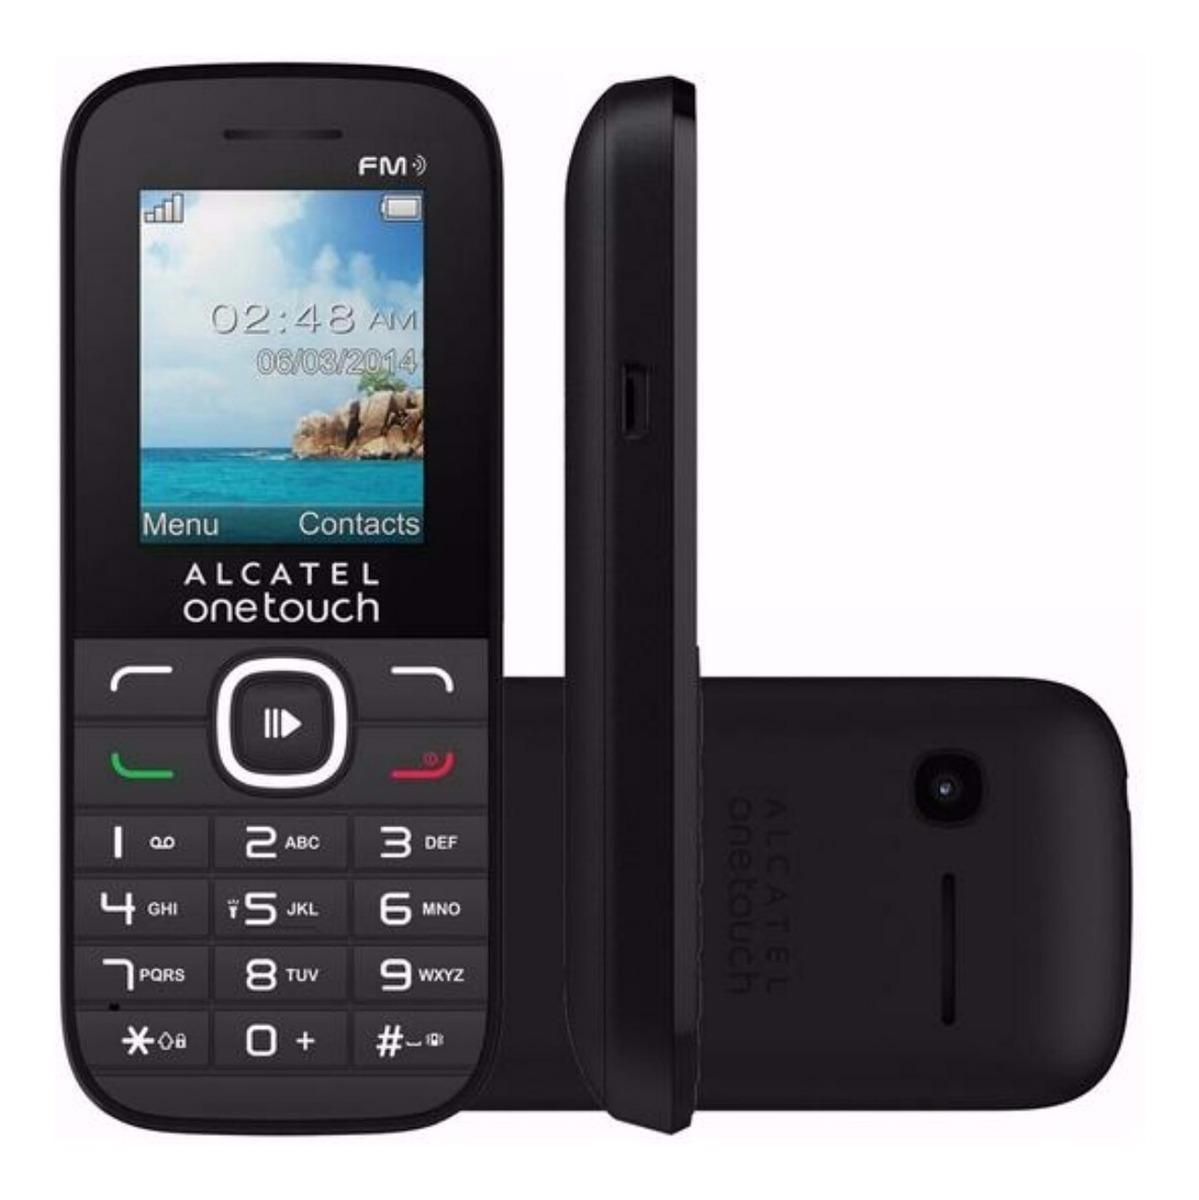 67201a7b735 Alcatel 1050d Simil Nokia 105, Libre - Garantia - Nuevos - $ 1.049 ...